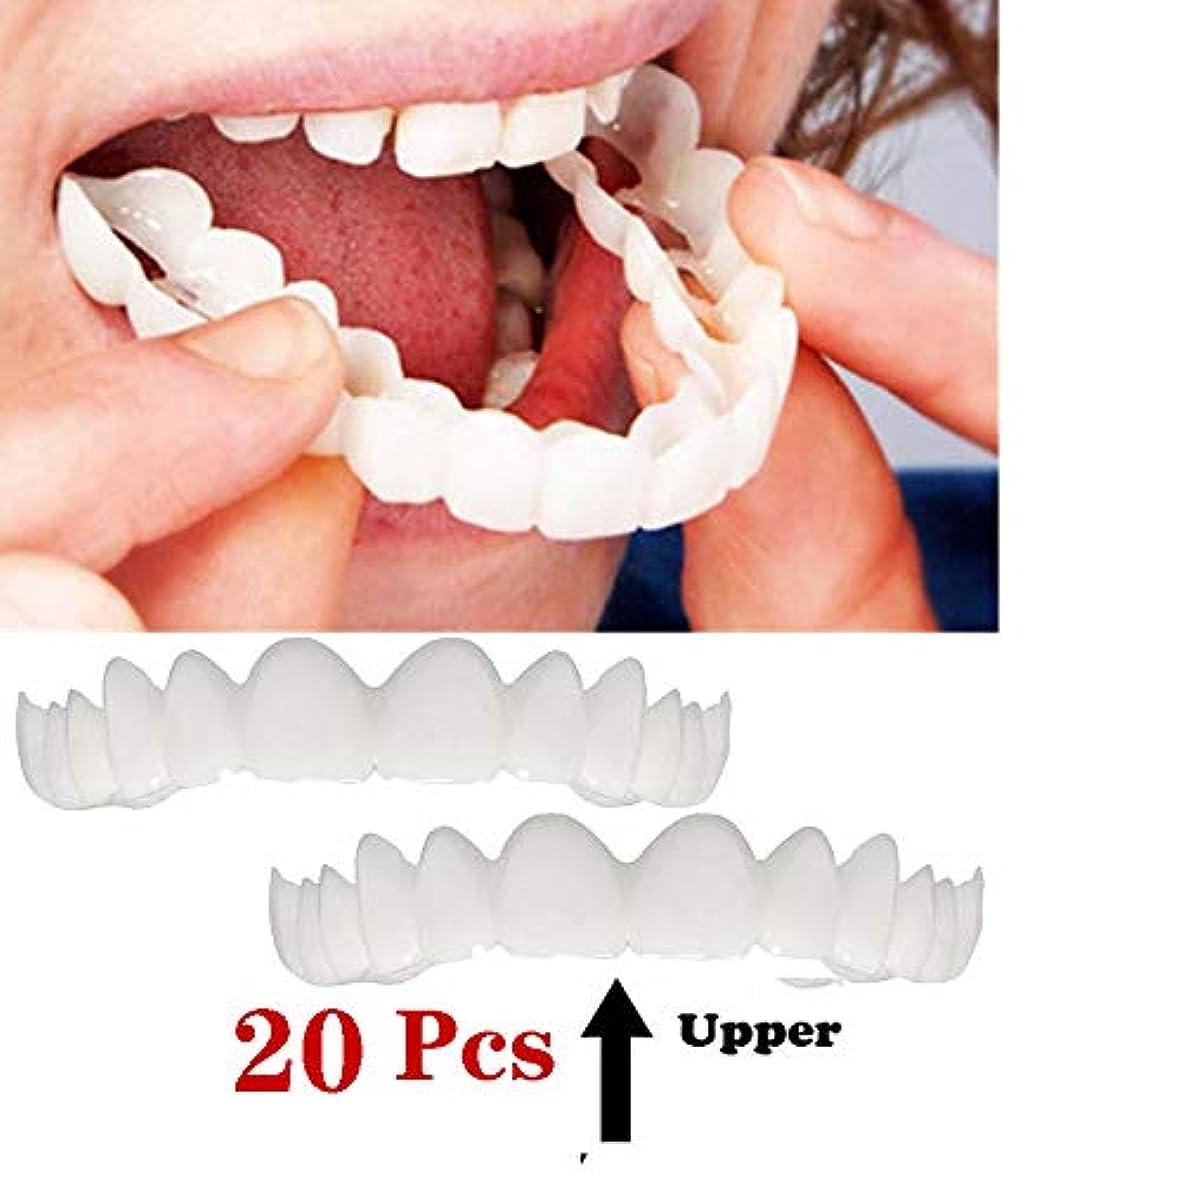 タイト湖ピアニスト笑顔の義歯フィットフレックス化粧品の歯快適なベニヤカバーの歯のスナップを白くする笑顔の歯化粧品の義歯、化粧品の歯